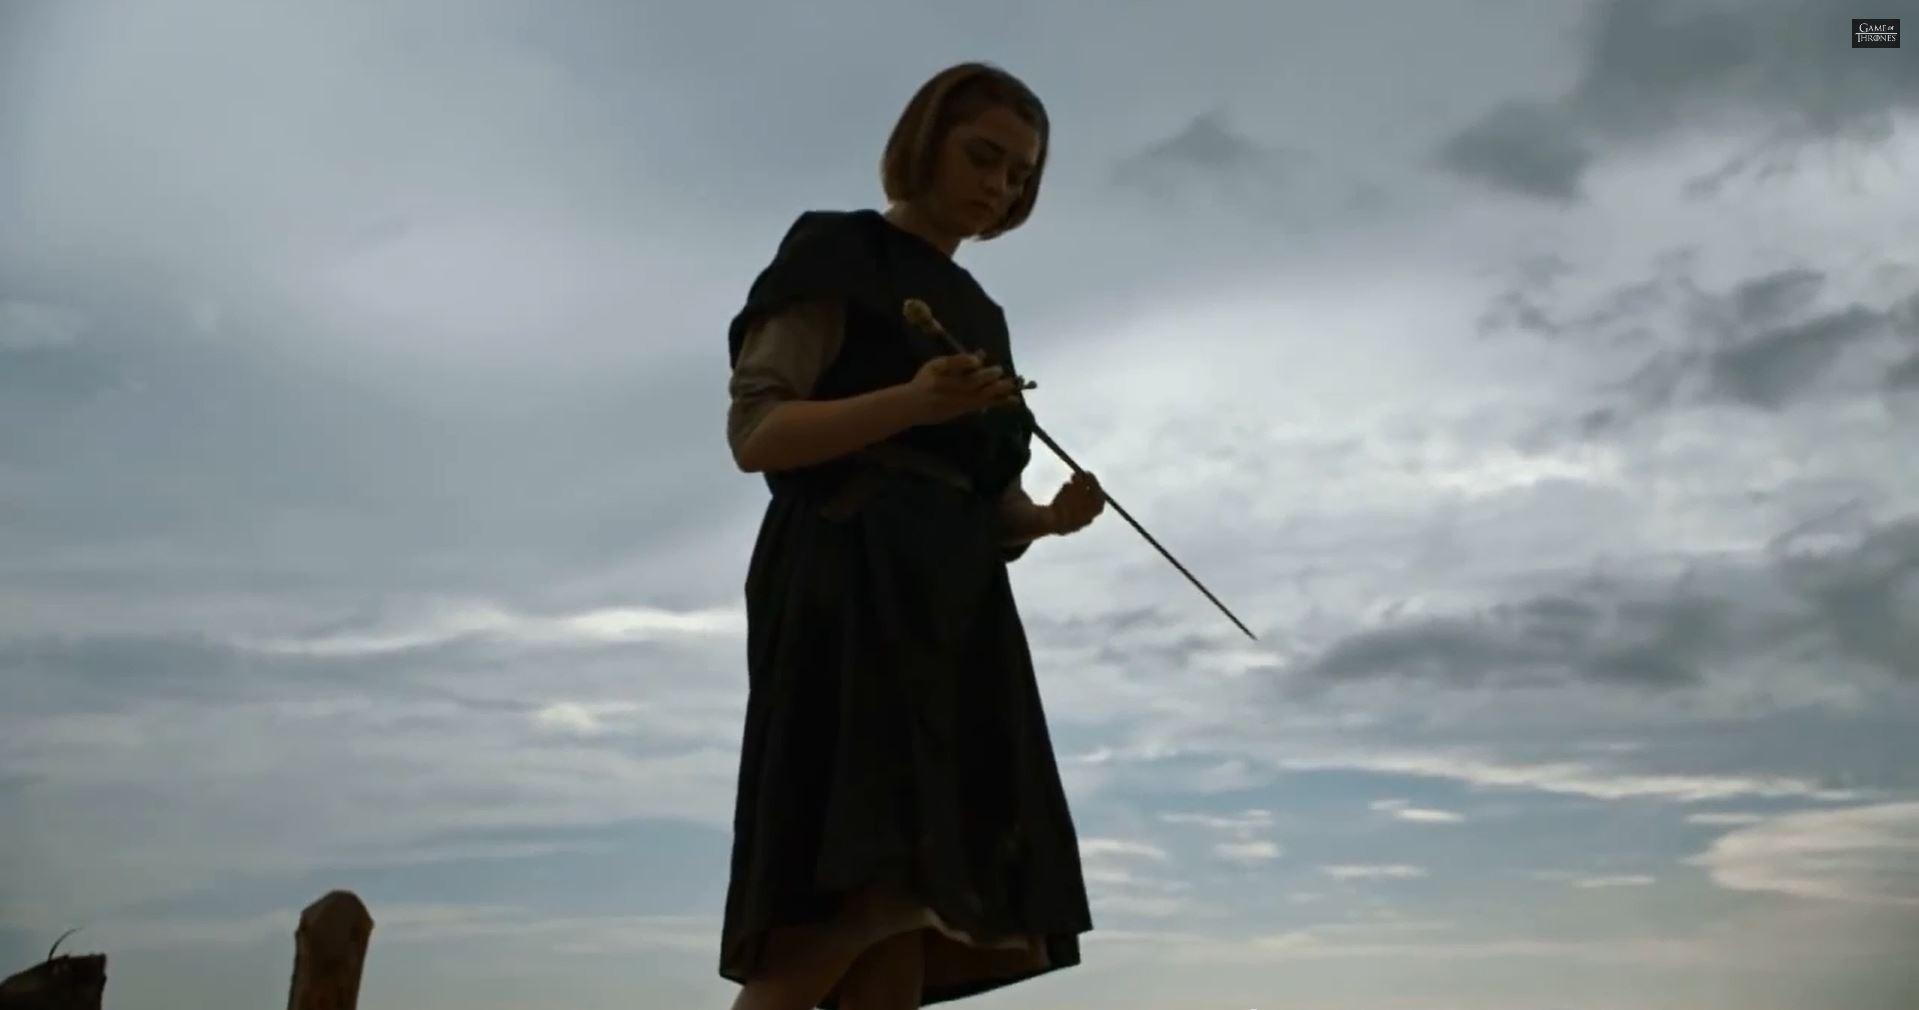 Game Of Thrones Season 5 Preview. Maisie Williams as Arya Stark